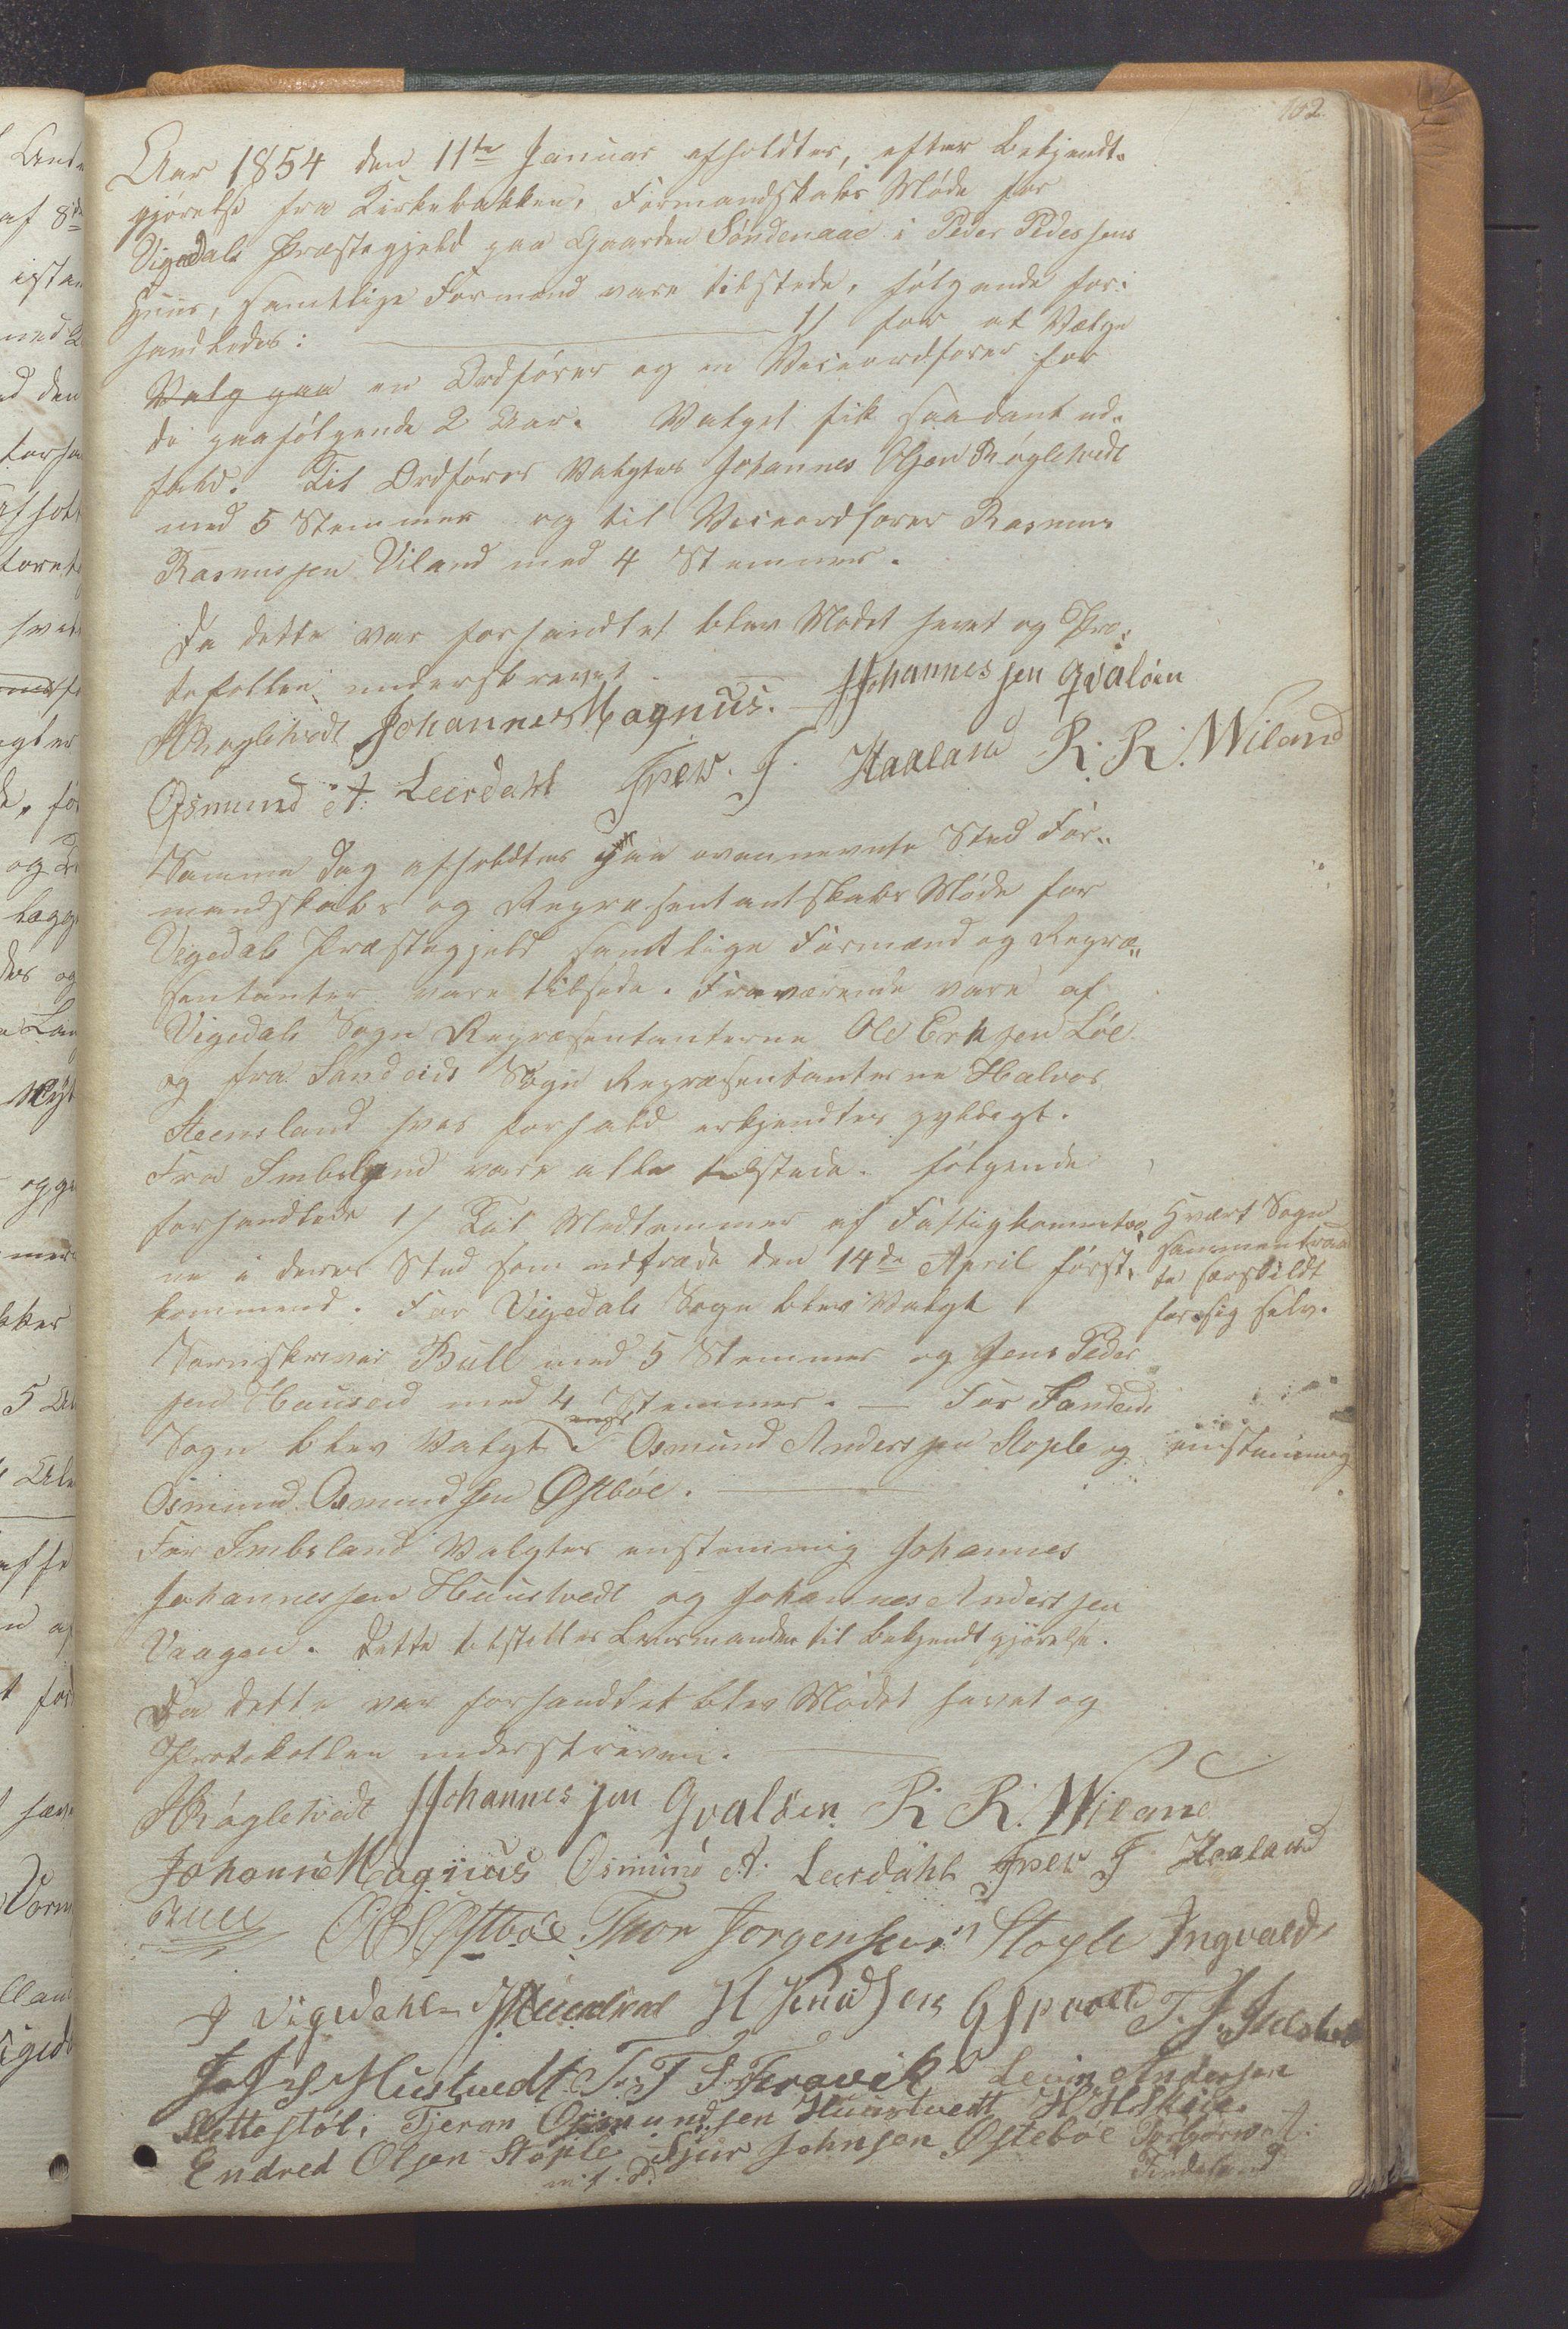 IKAR, Vikedal kommune - Formannskapet, Aaa/L0001: Møtebok, 1837-1874, s. 102a